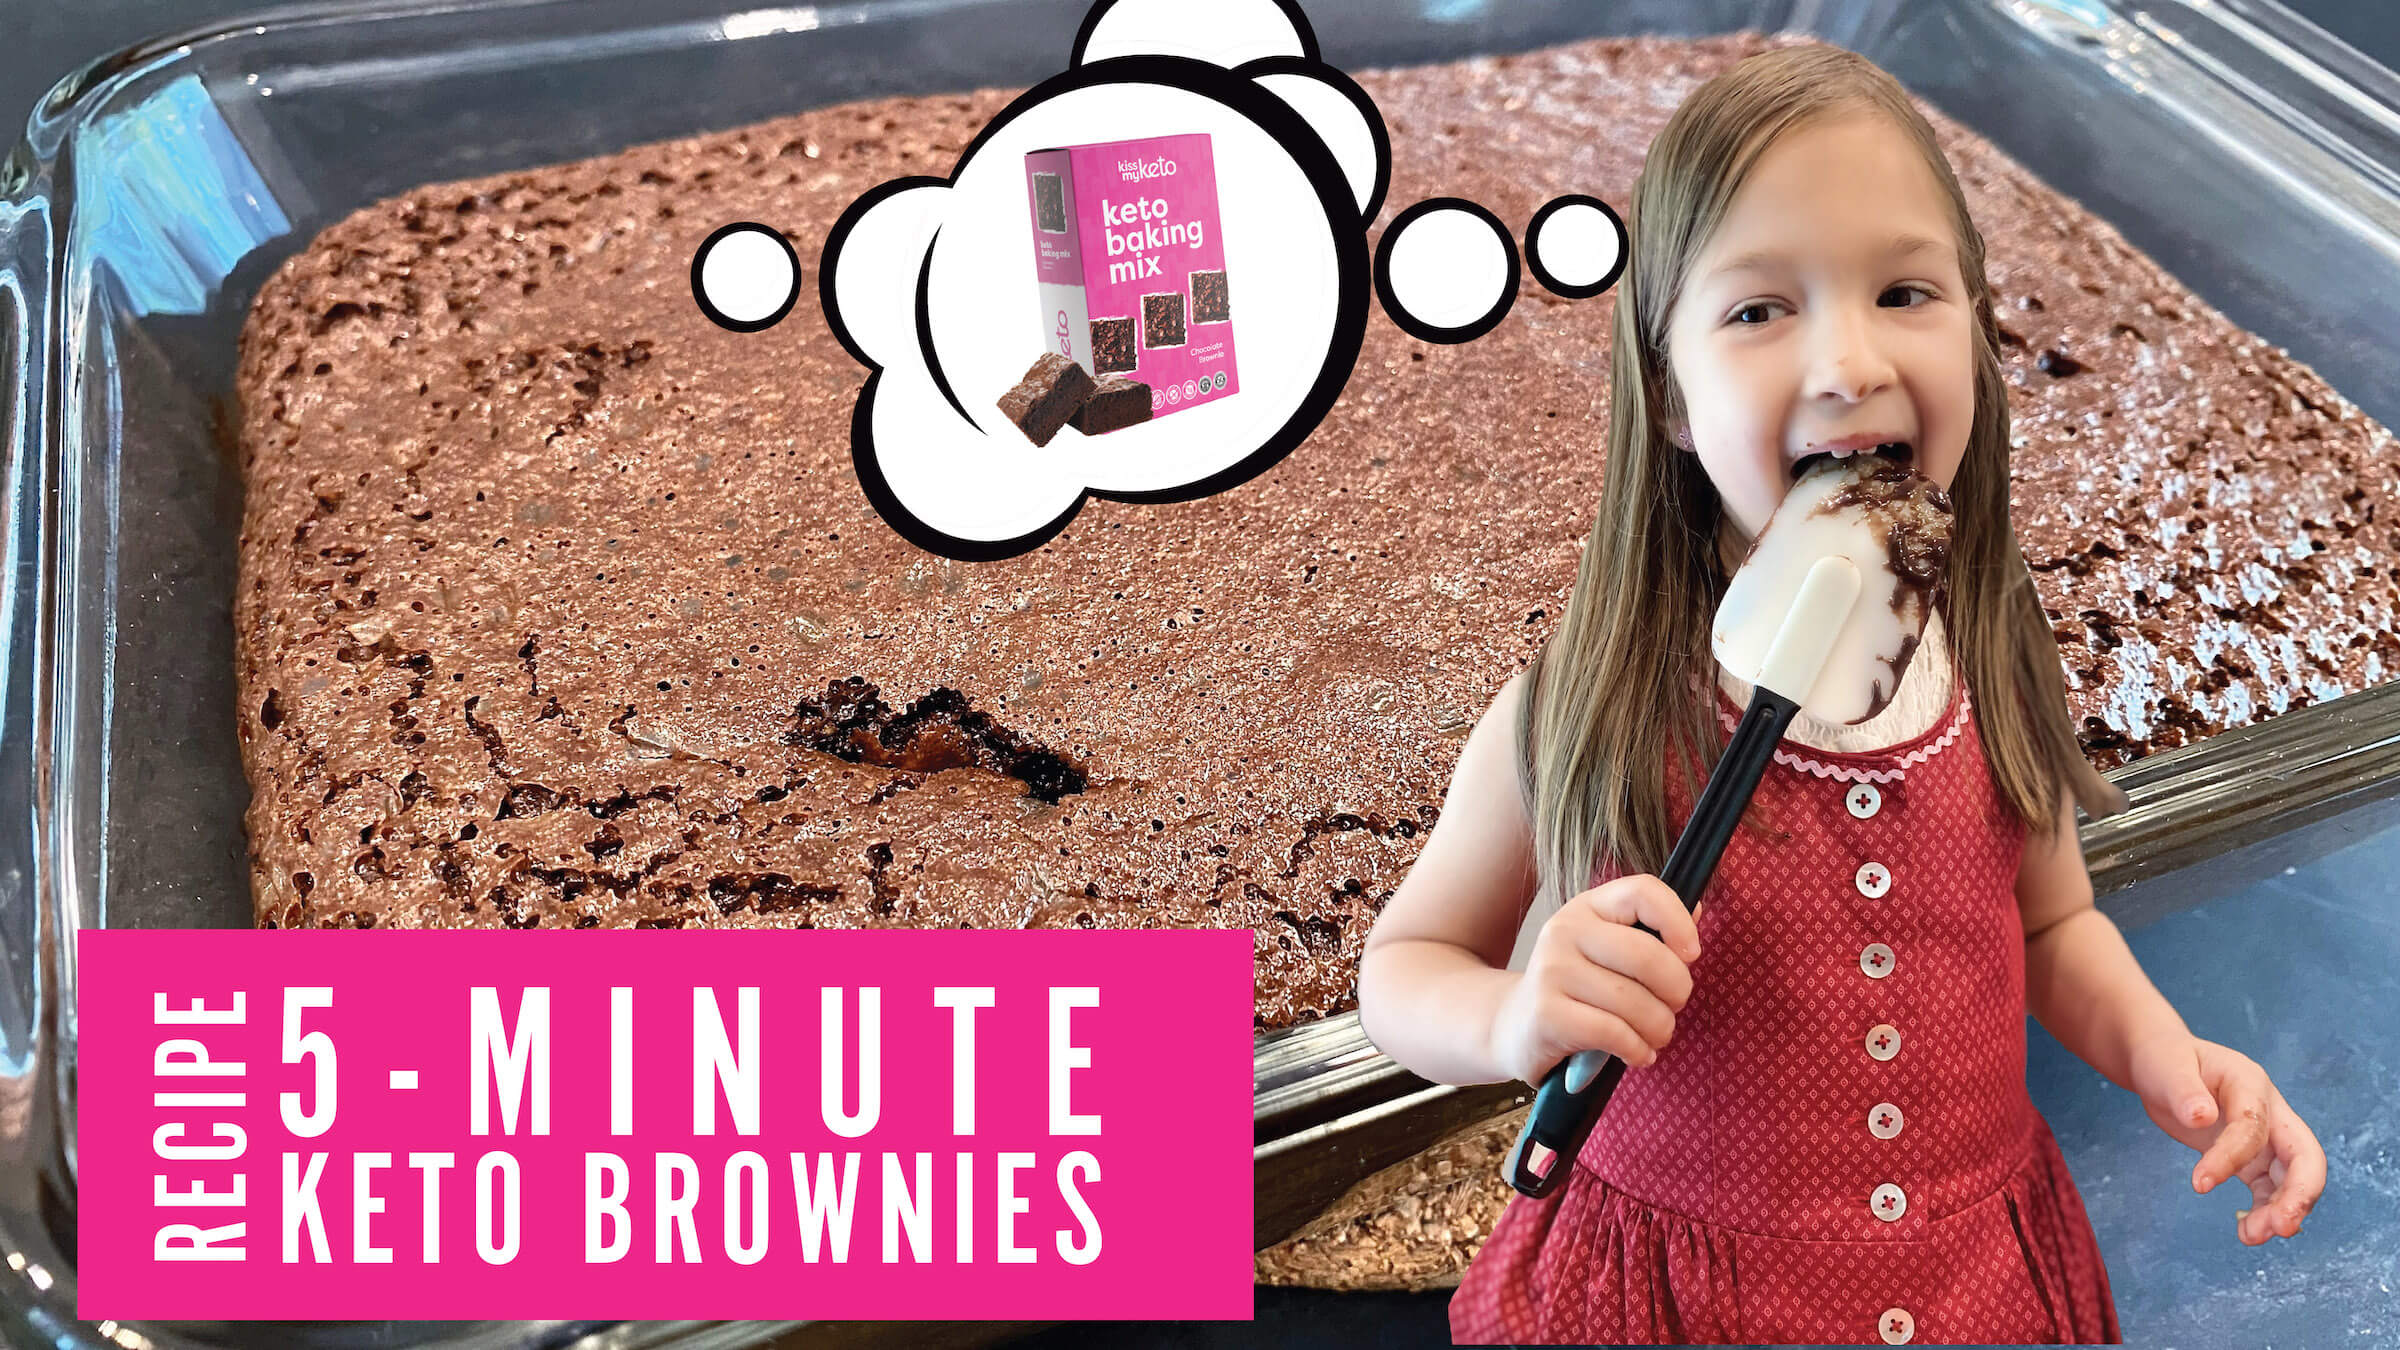 Keto Brownies (using Kiss My Keto Baking Mix)